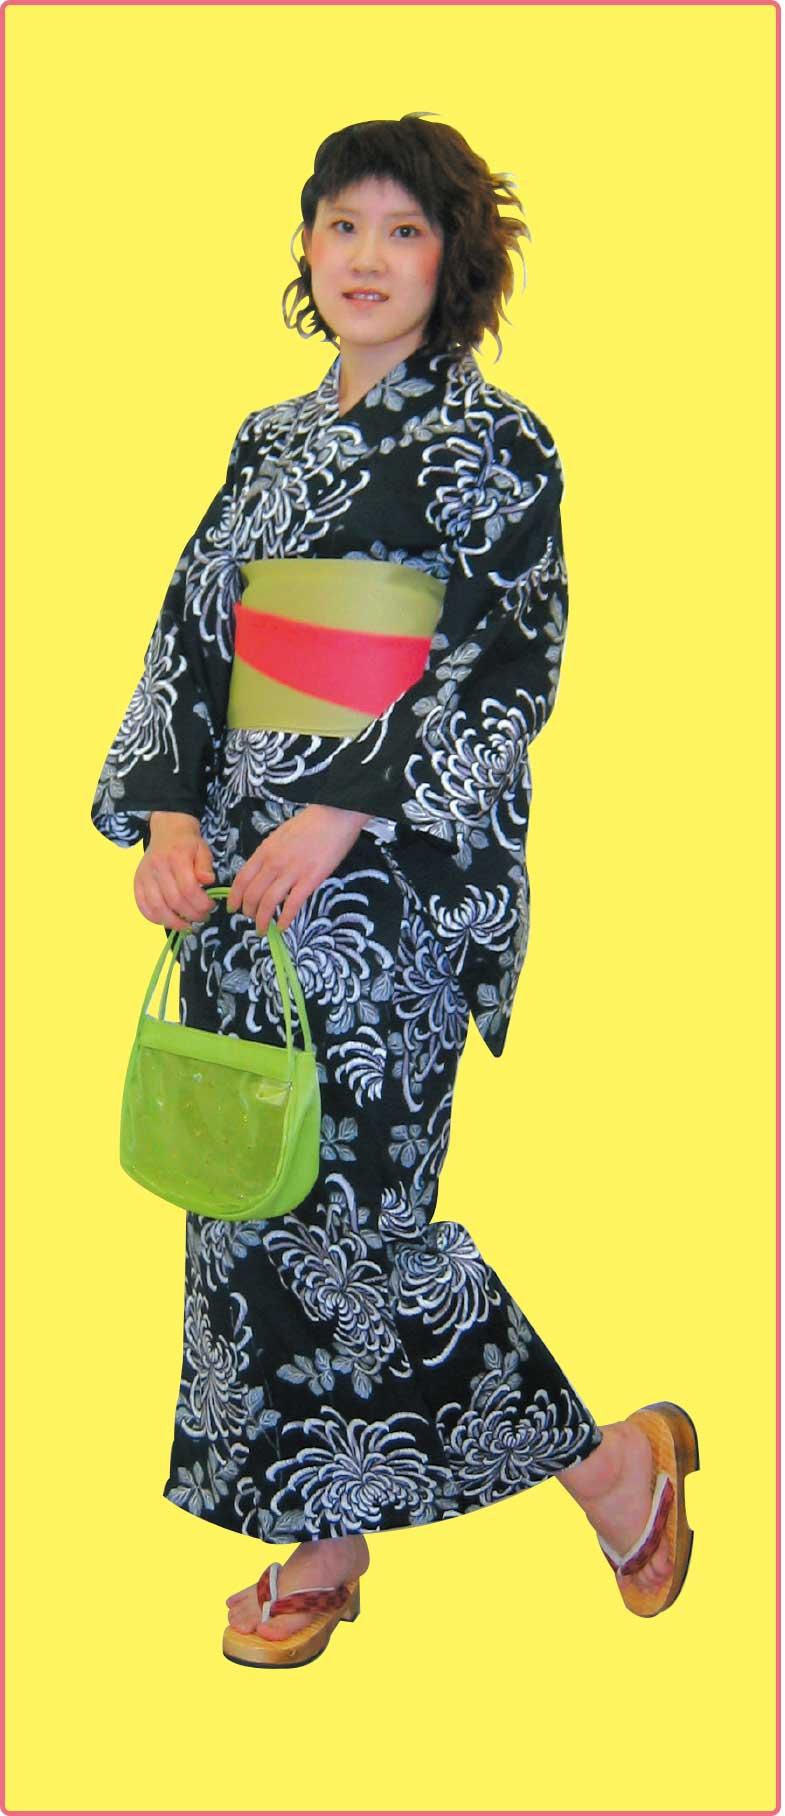 花いち都屋の黒の乱菊模様の浴衣を着ている女性